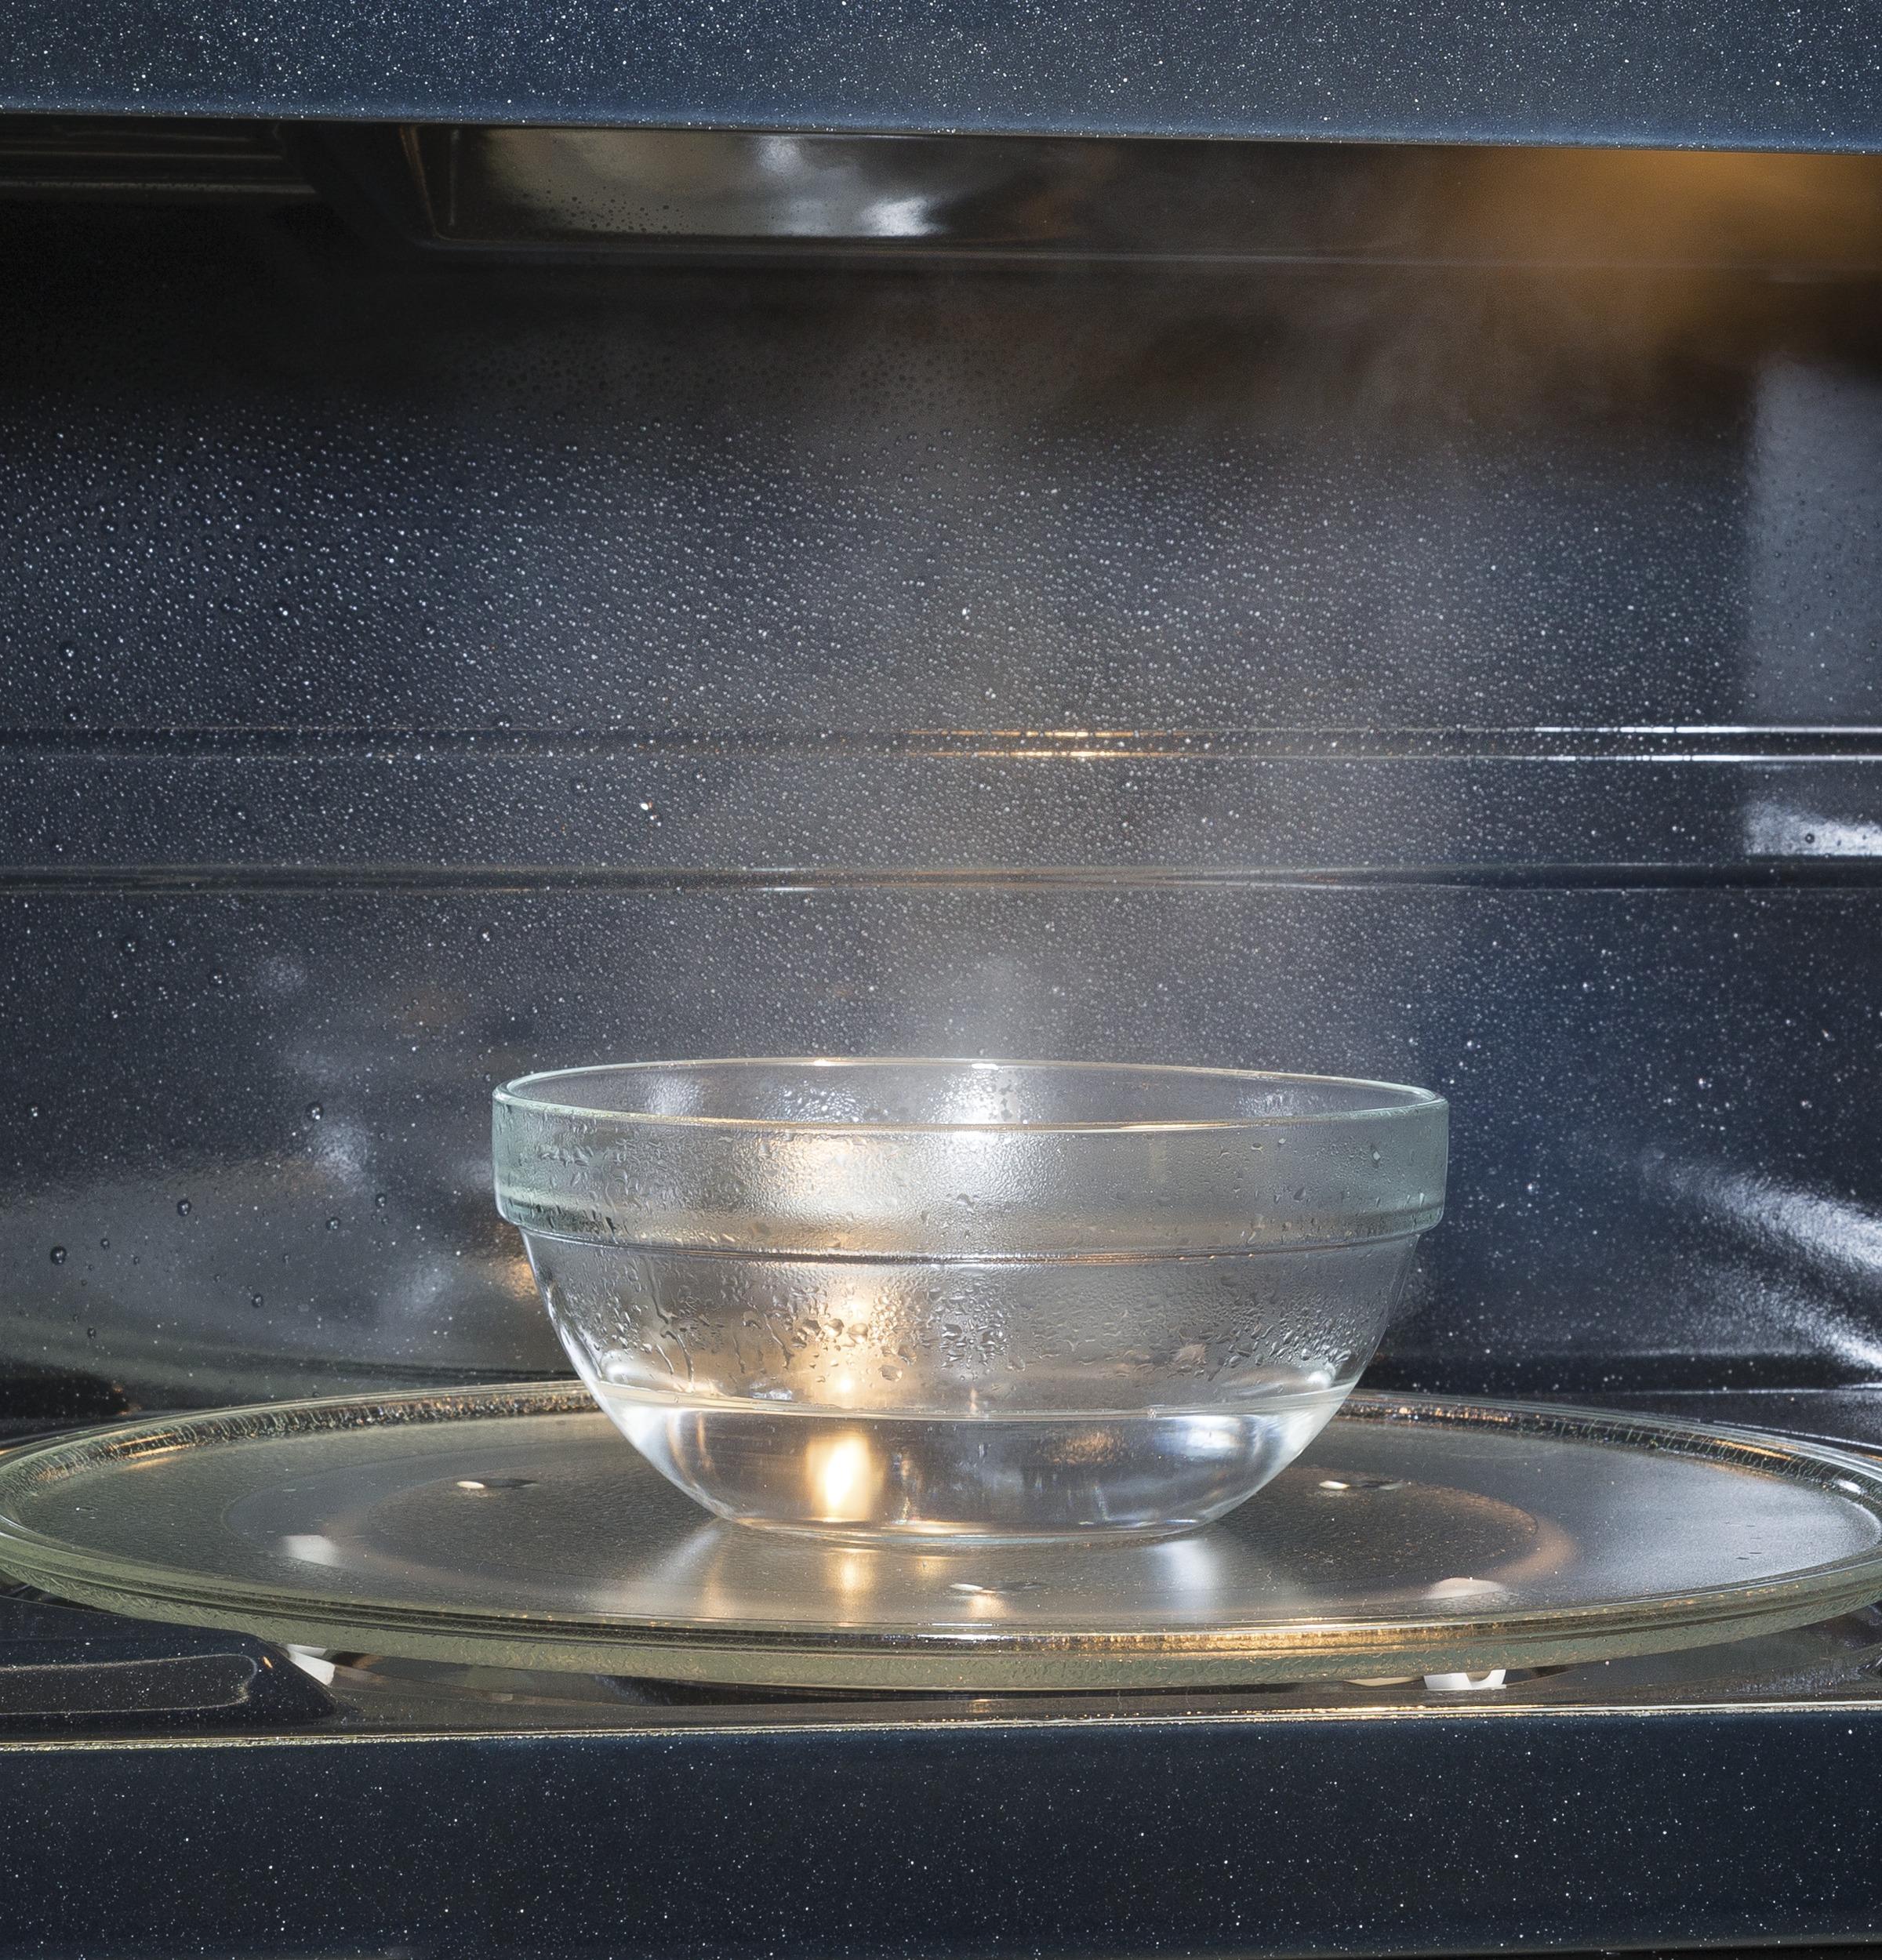 Model: JVM7195BLTS   GE® 1.9 Cu. Ft. Over-the-Range Sensor Microwave Oven